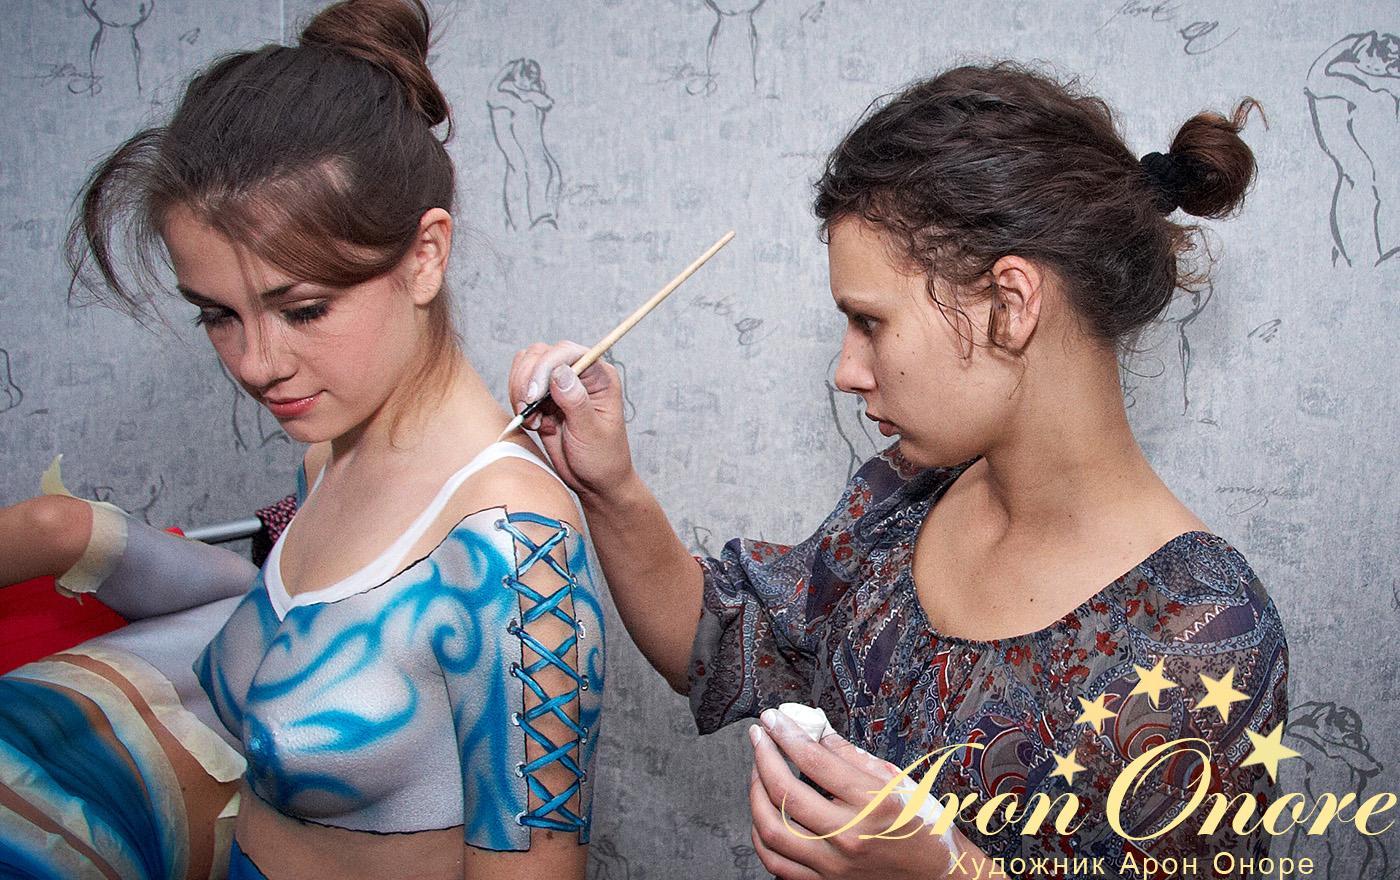 Художник занимается созданием рисунка на теле красивой девушки